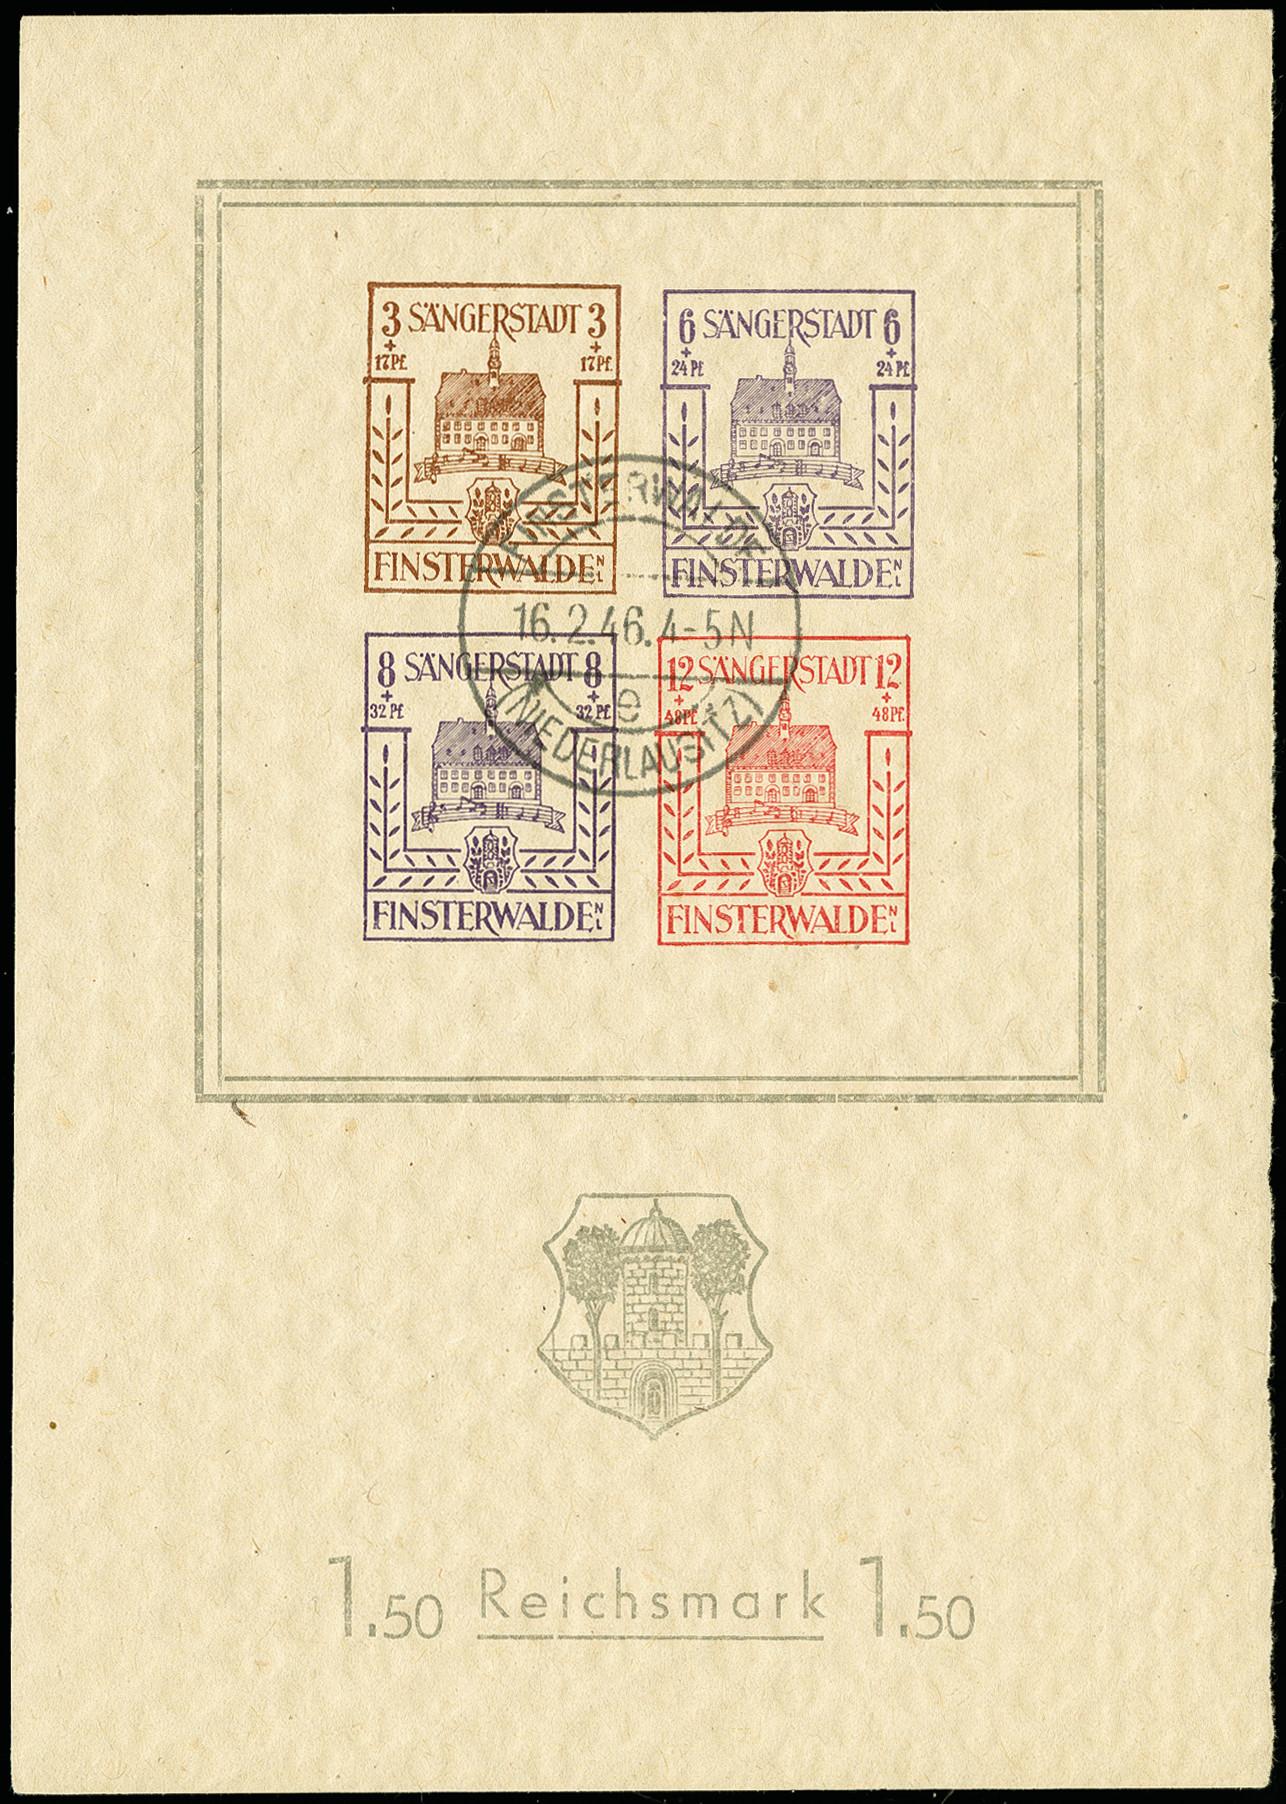 Lot 3470 - deutsche lokalausgaben ab 1945 finsterwalde -  Heinrich Koehler Auktionen 375rd Heinrich Köhler auction - Day 3